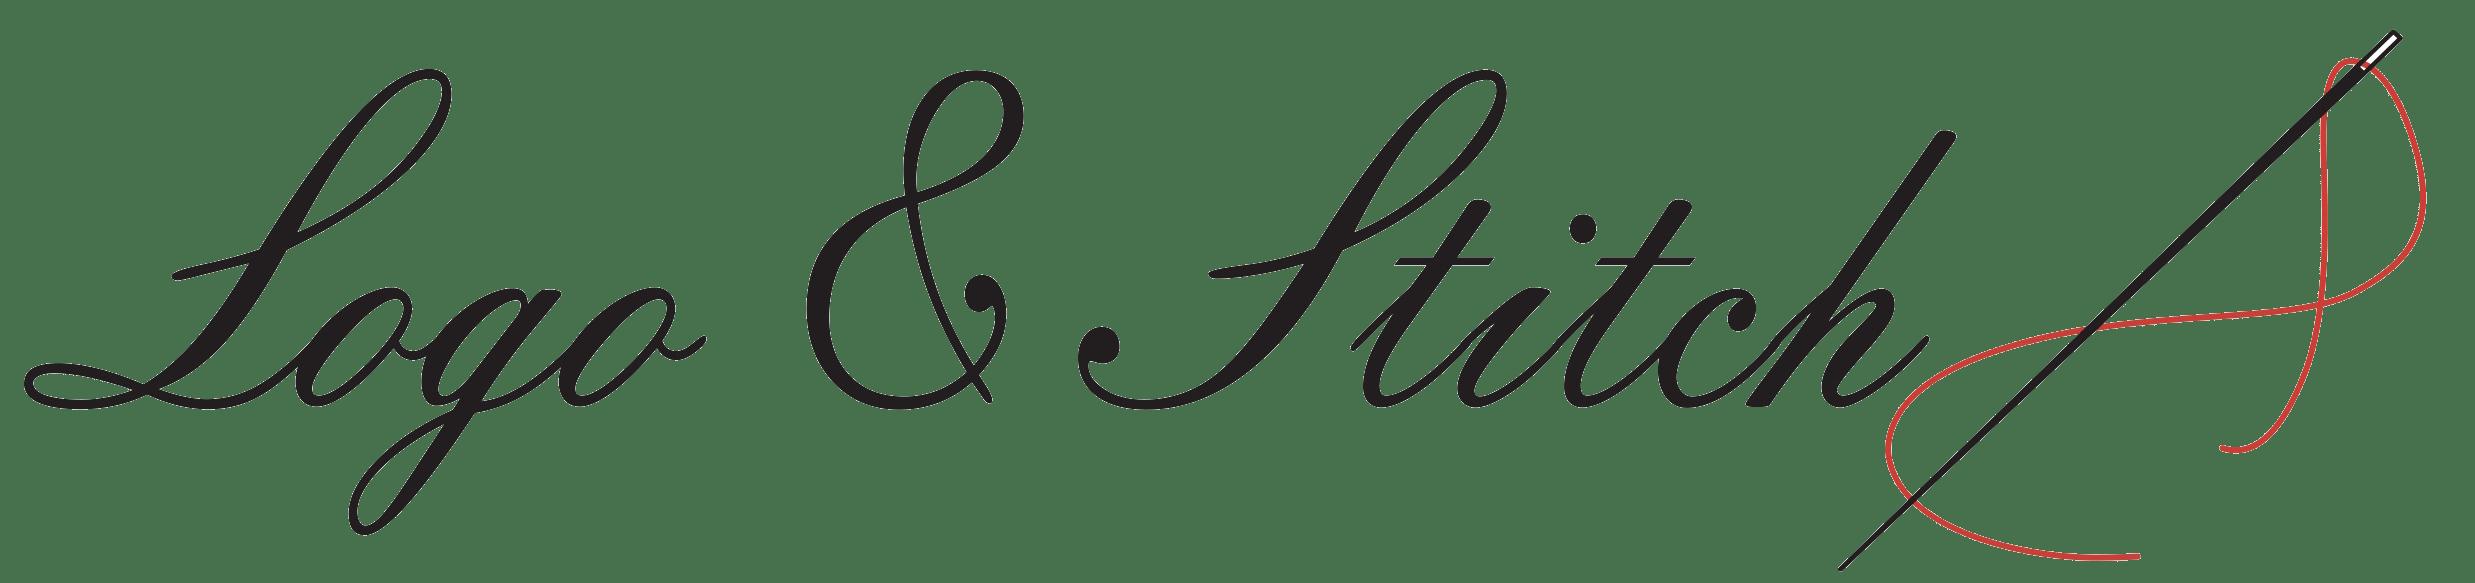 Logo & Stitch